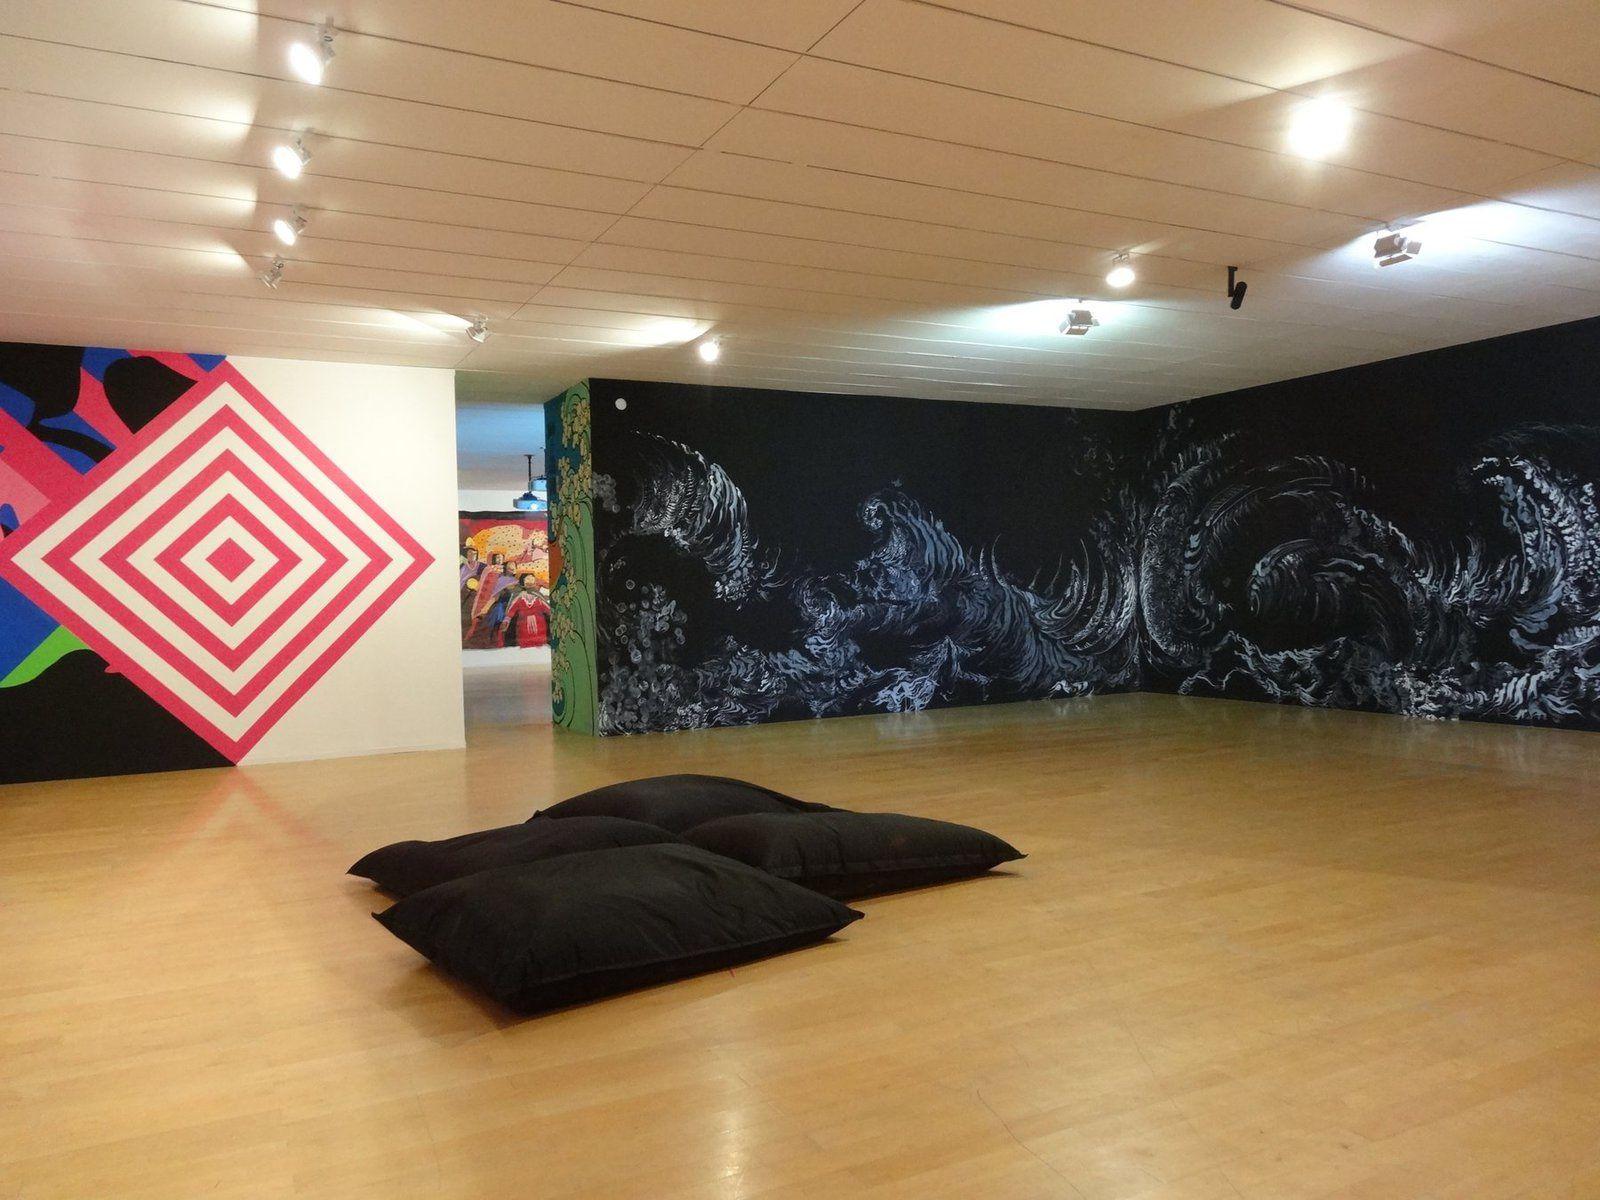 les autres artistes au MAC (Musée d'Art Contemporain) de Lyon